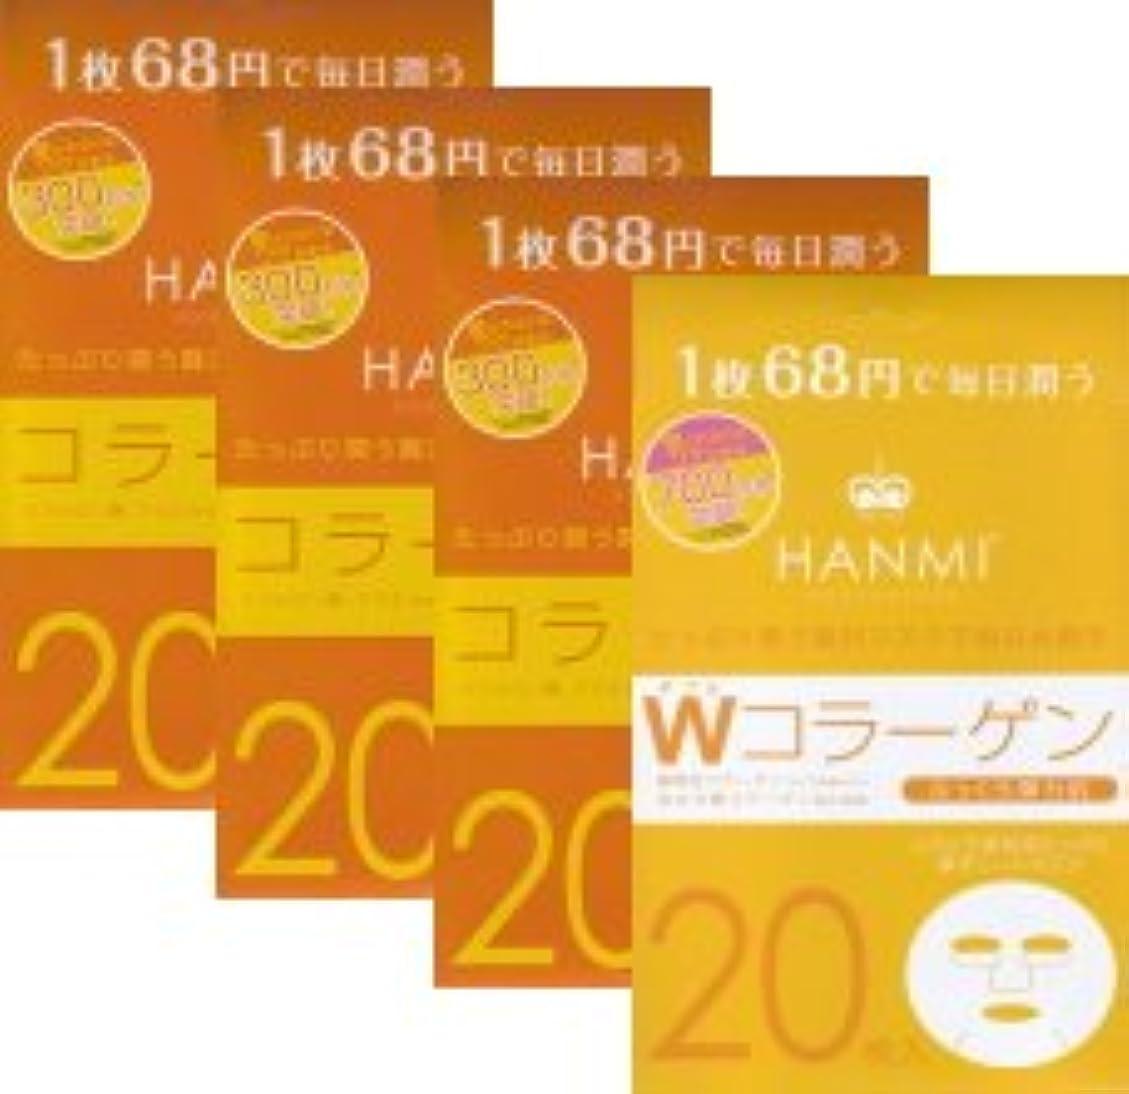 異形予防接種するオレンジMIGAKI ハンミフェイスマスク(20枚入り)「コラーゲン×3個」「Wコラーゲン×1個」の4個セット